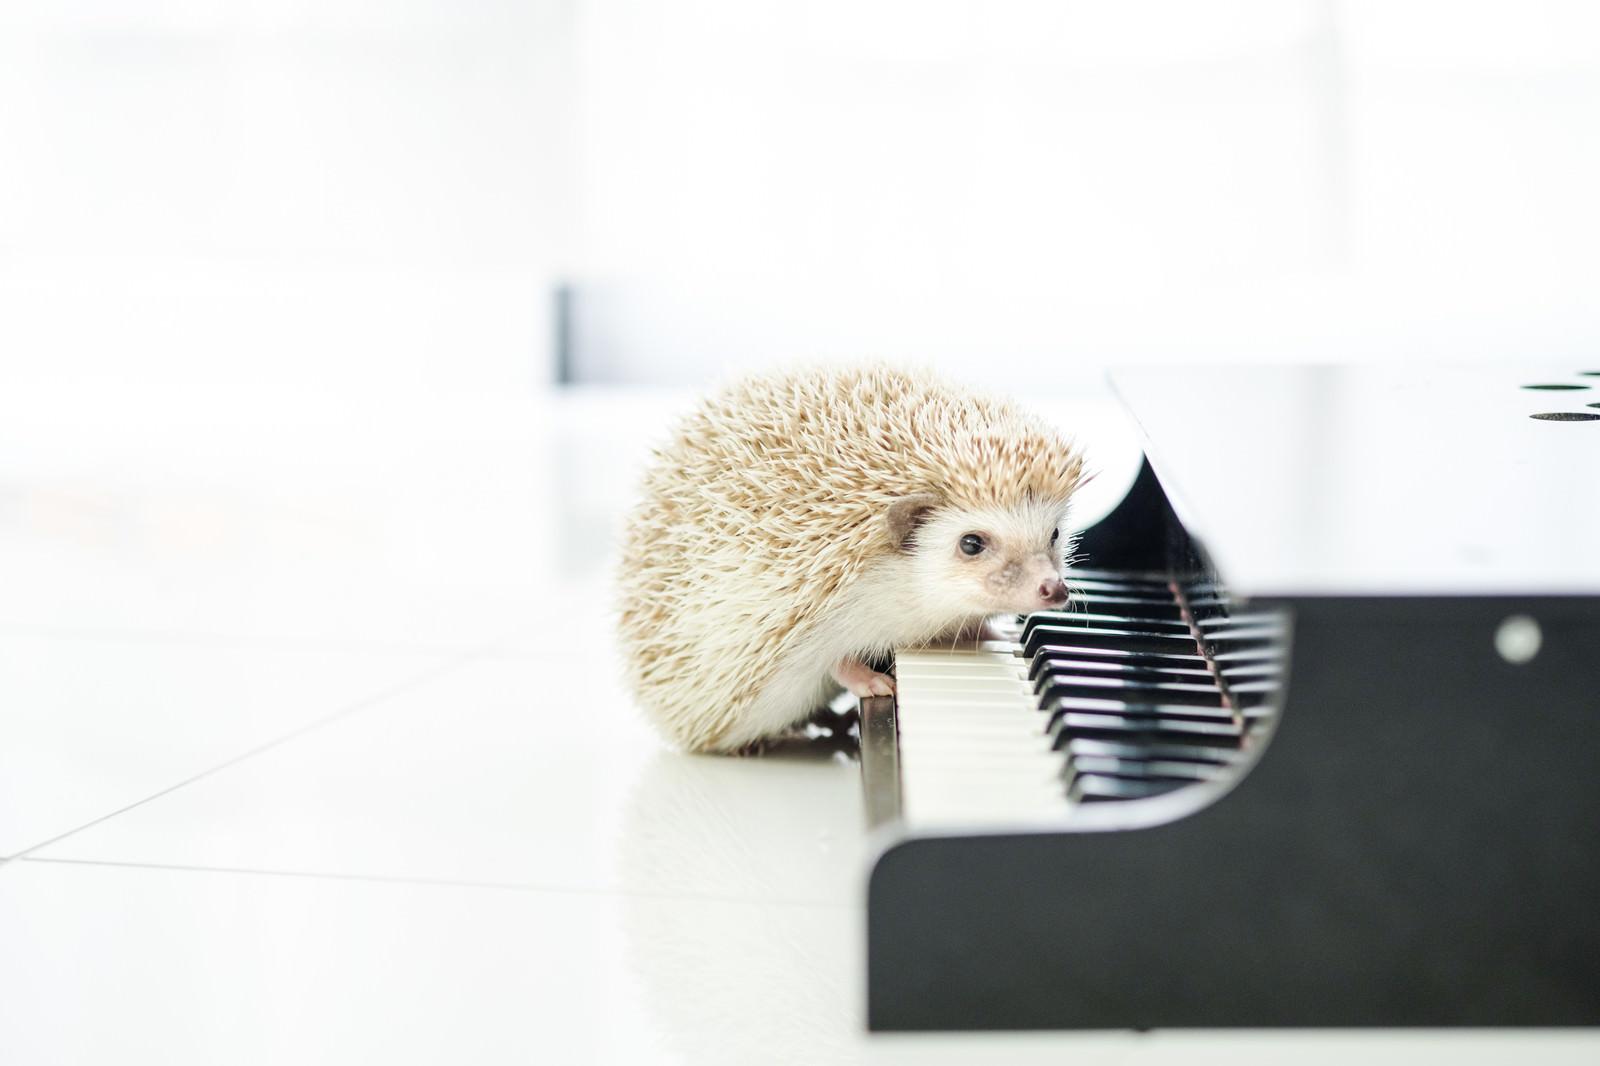 「前足で鍵盤を押すハリネズミ」の写真